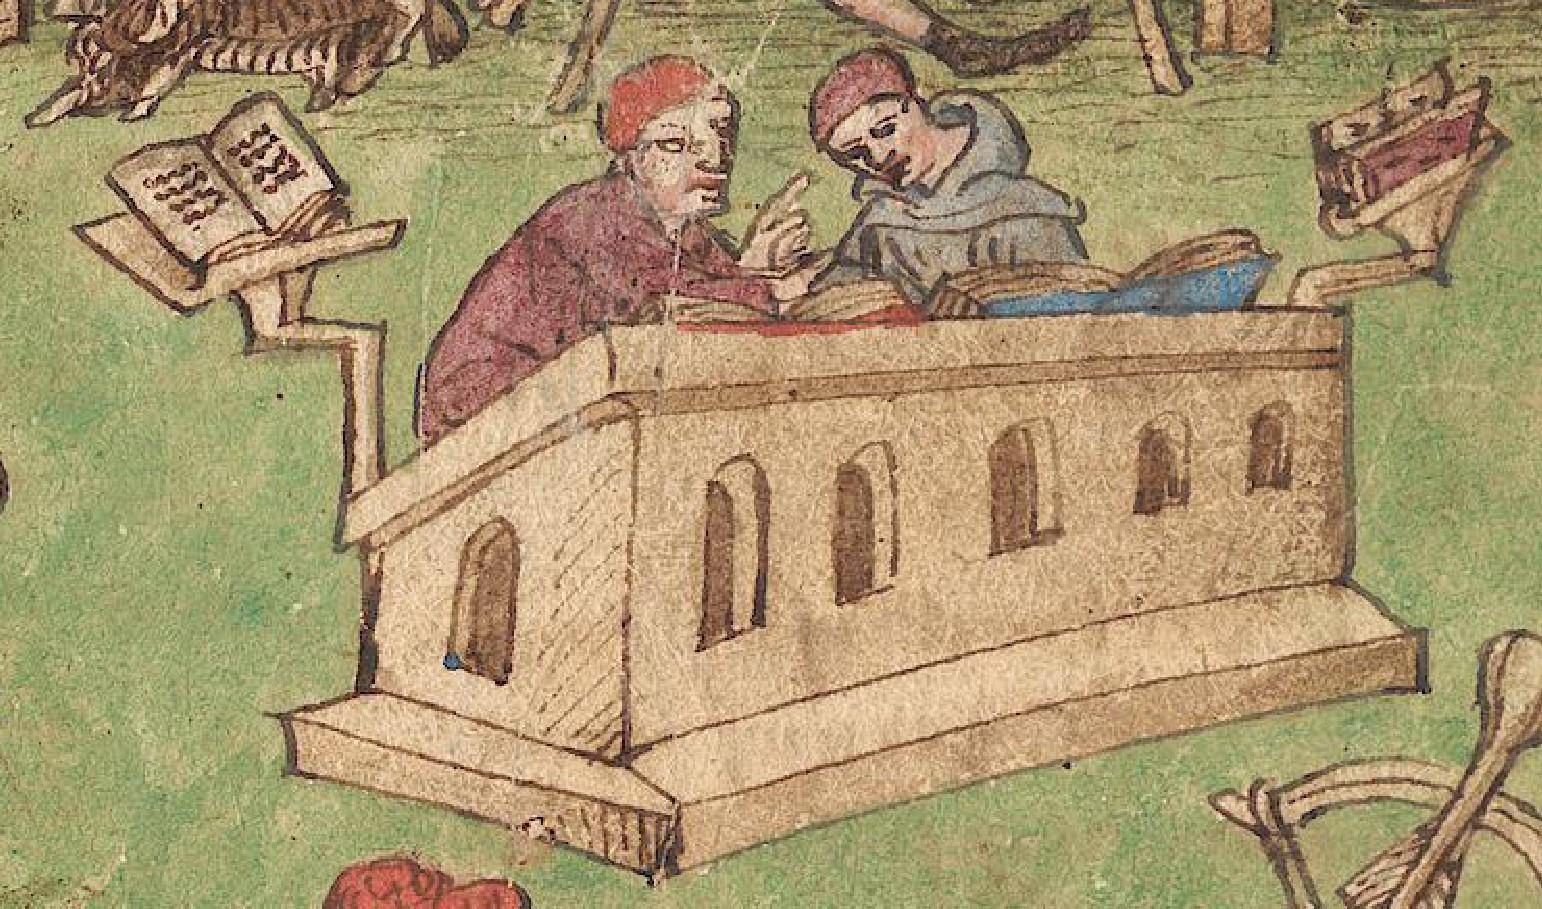 Zwei Männer diskutieren hinter einem Büchertisch.